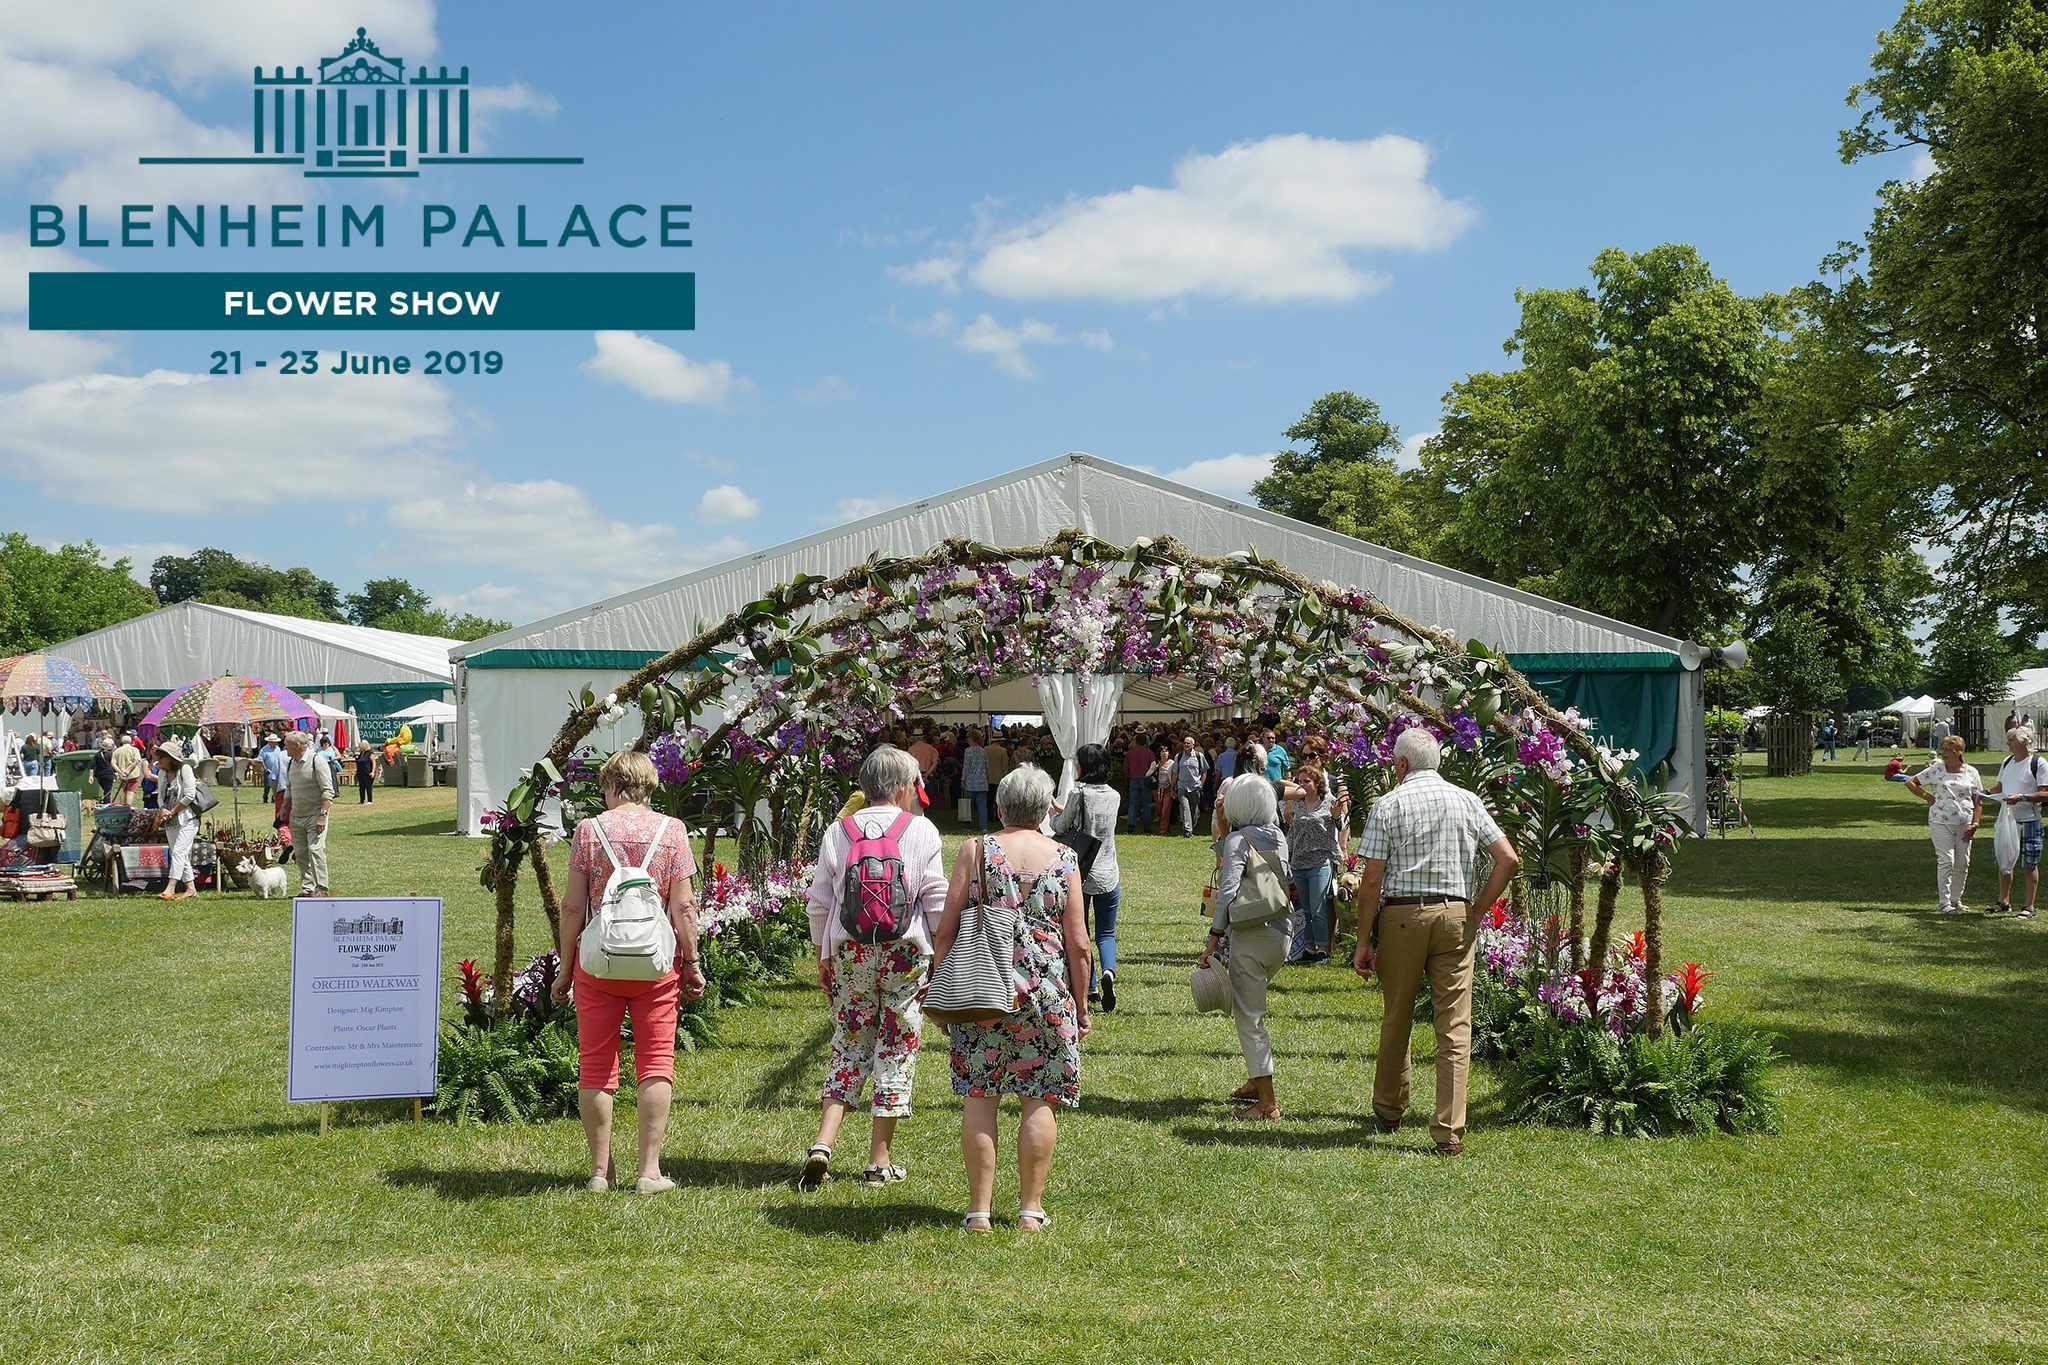 Blenheim Palace Flower Show - win tickets